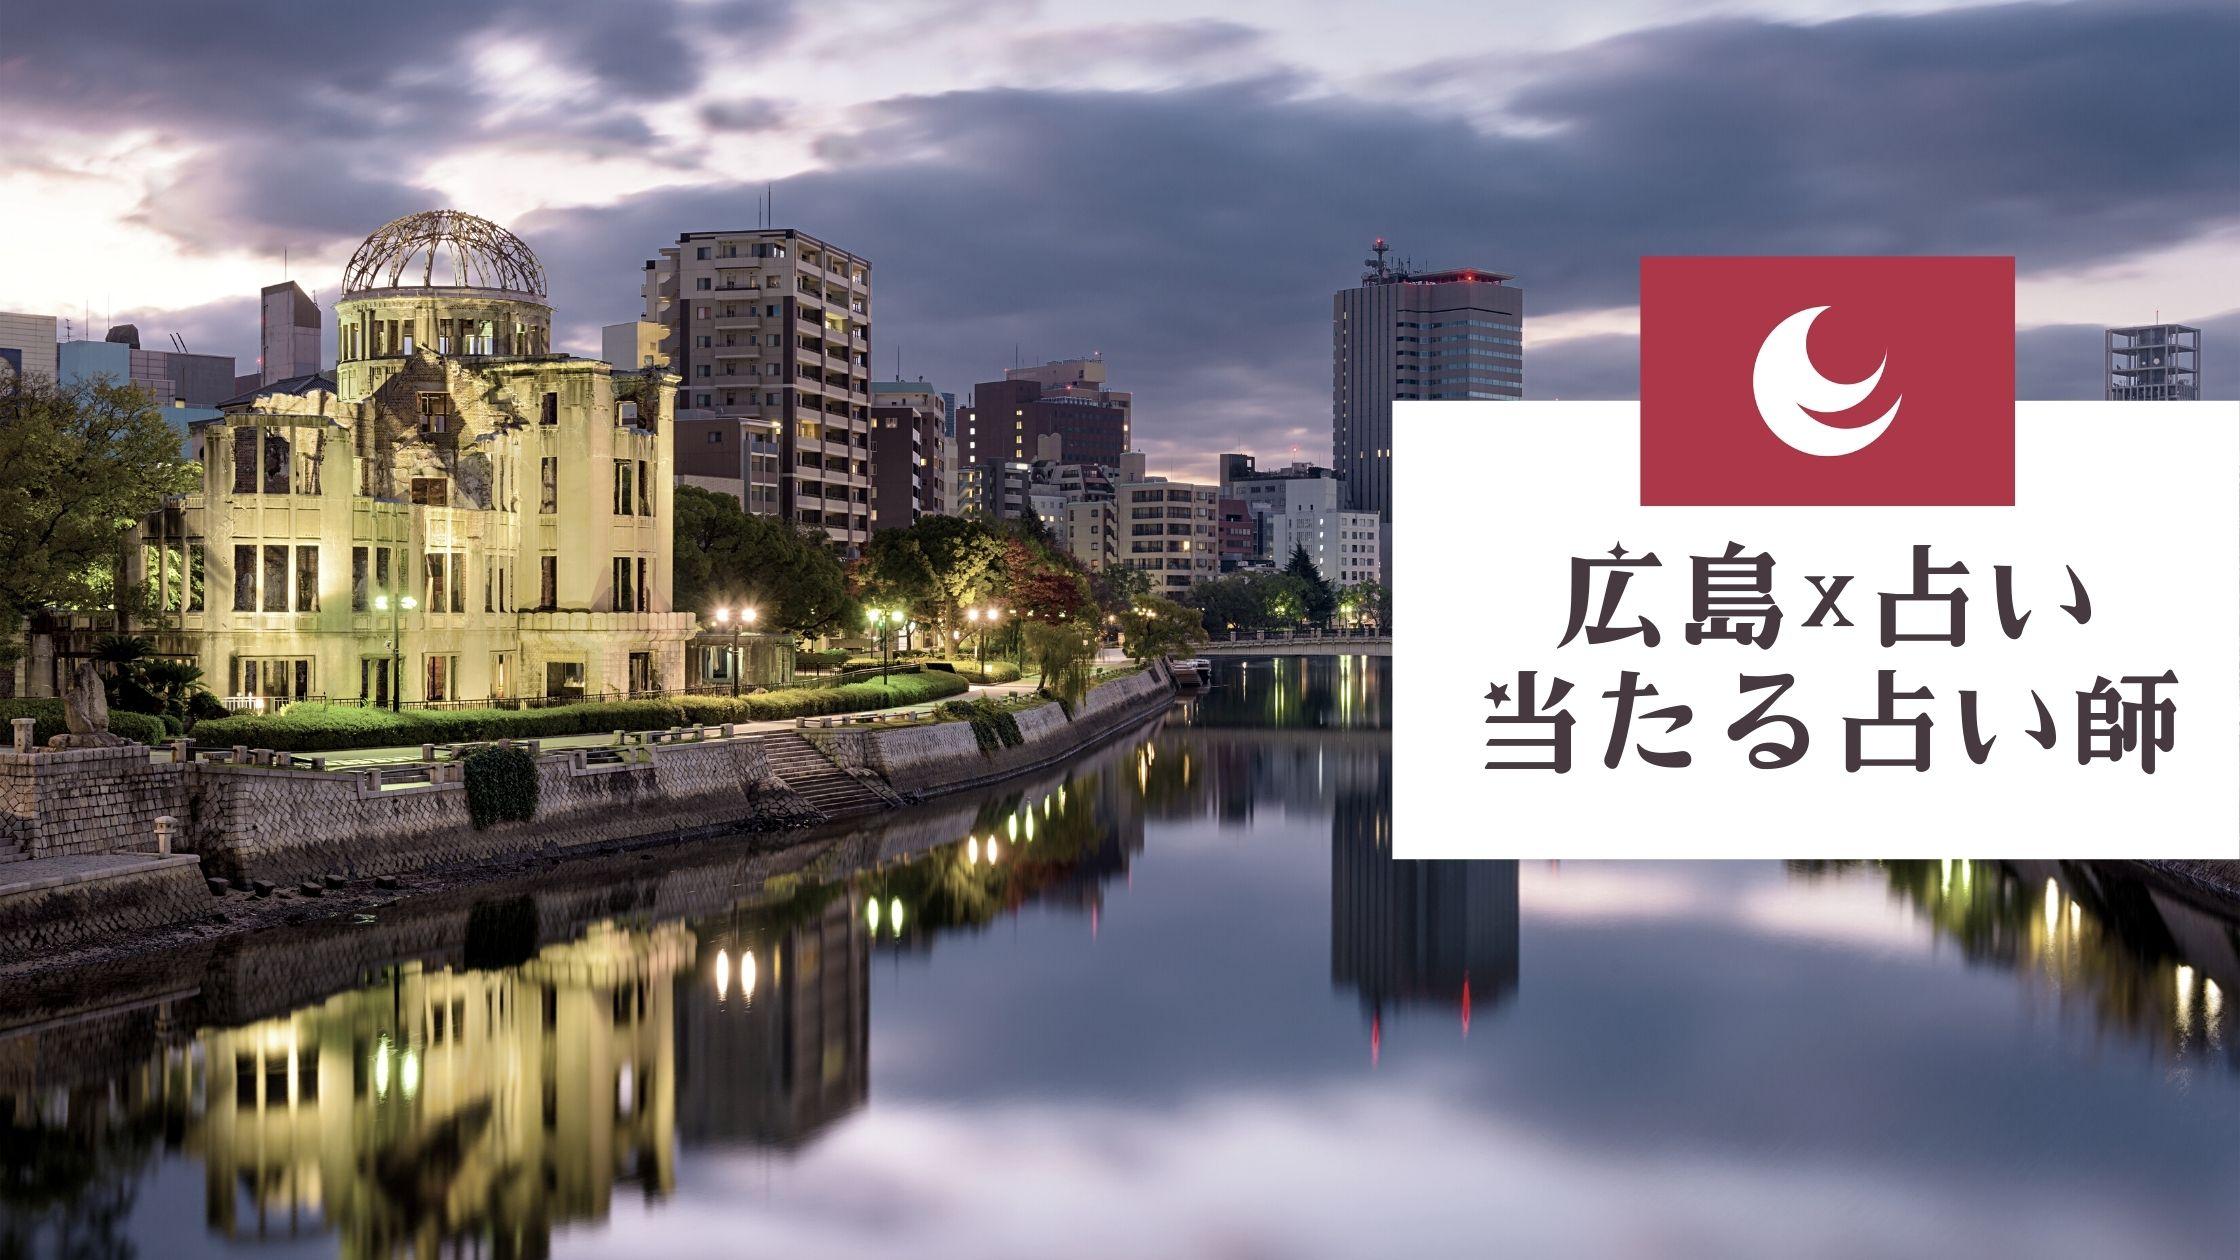 広島県で有名な占い師・占い館・霊能者口コミランキングまとめ